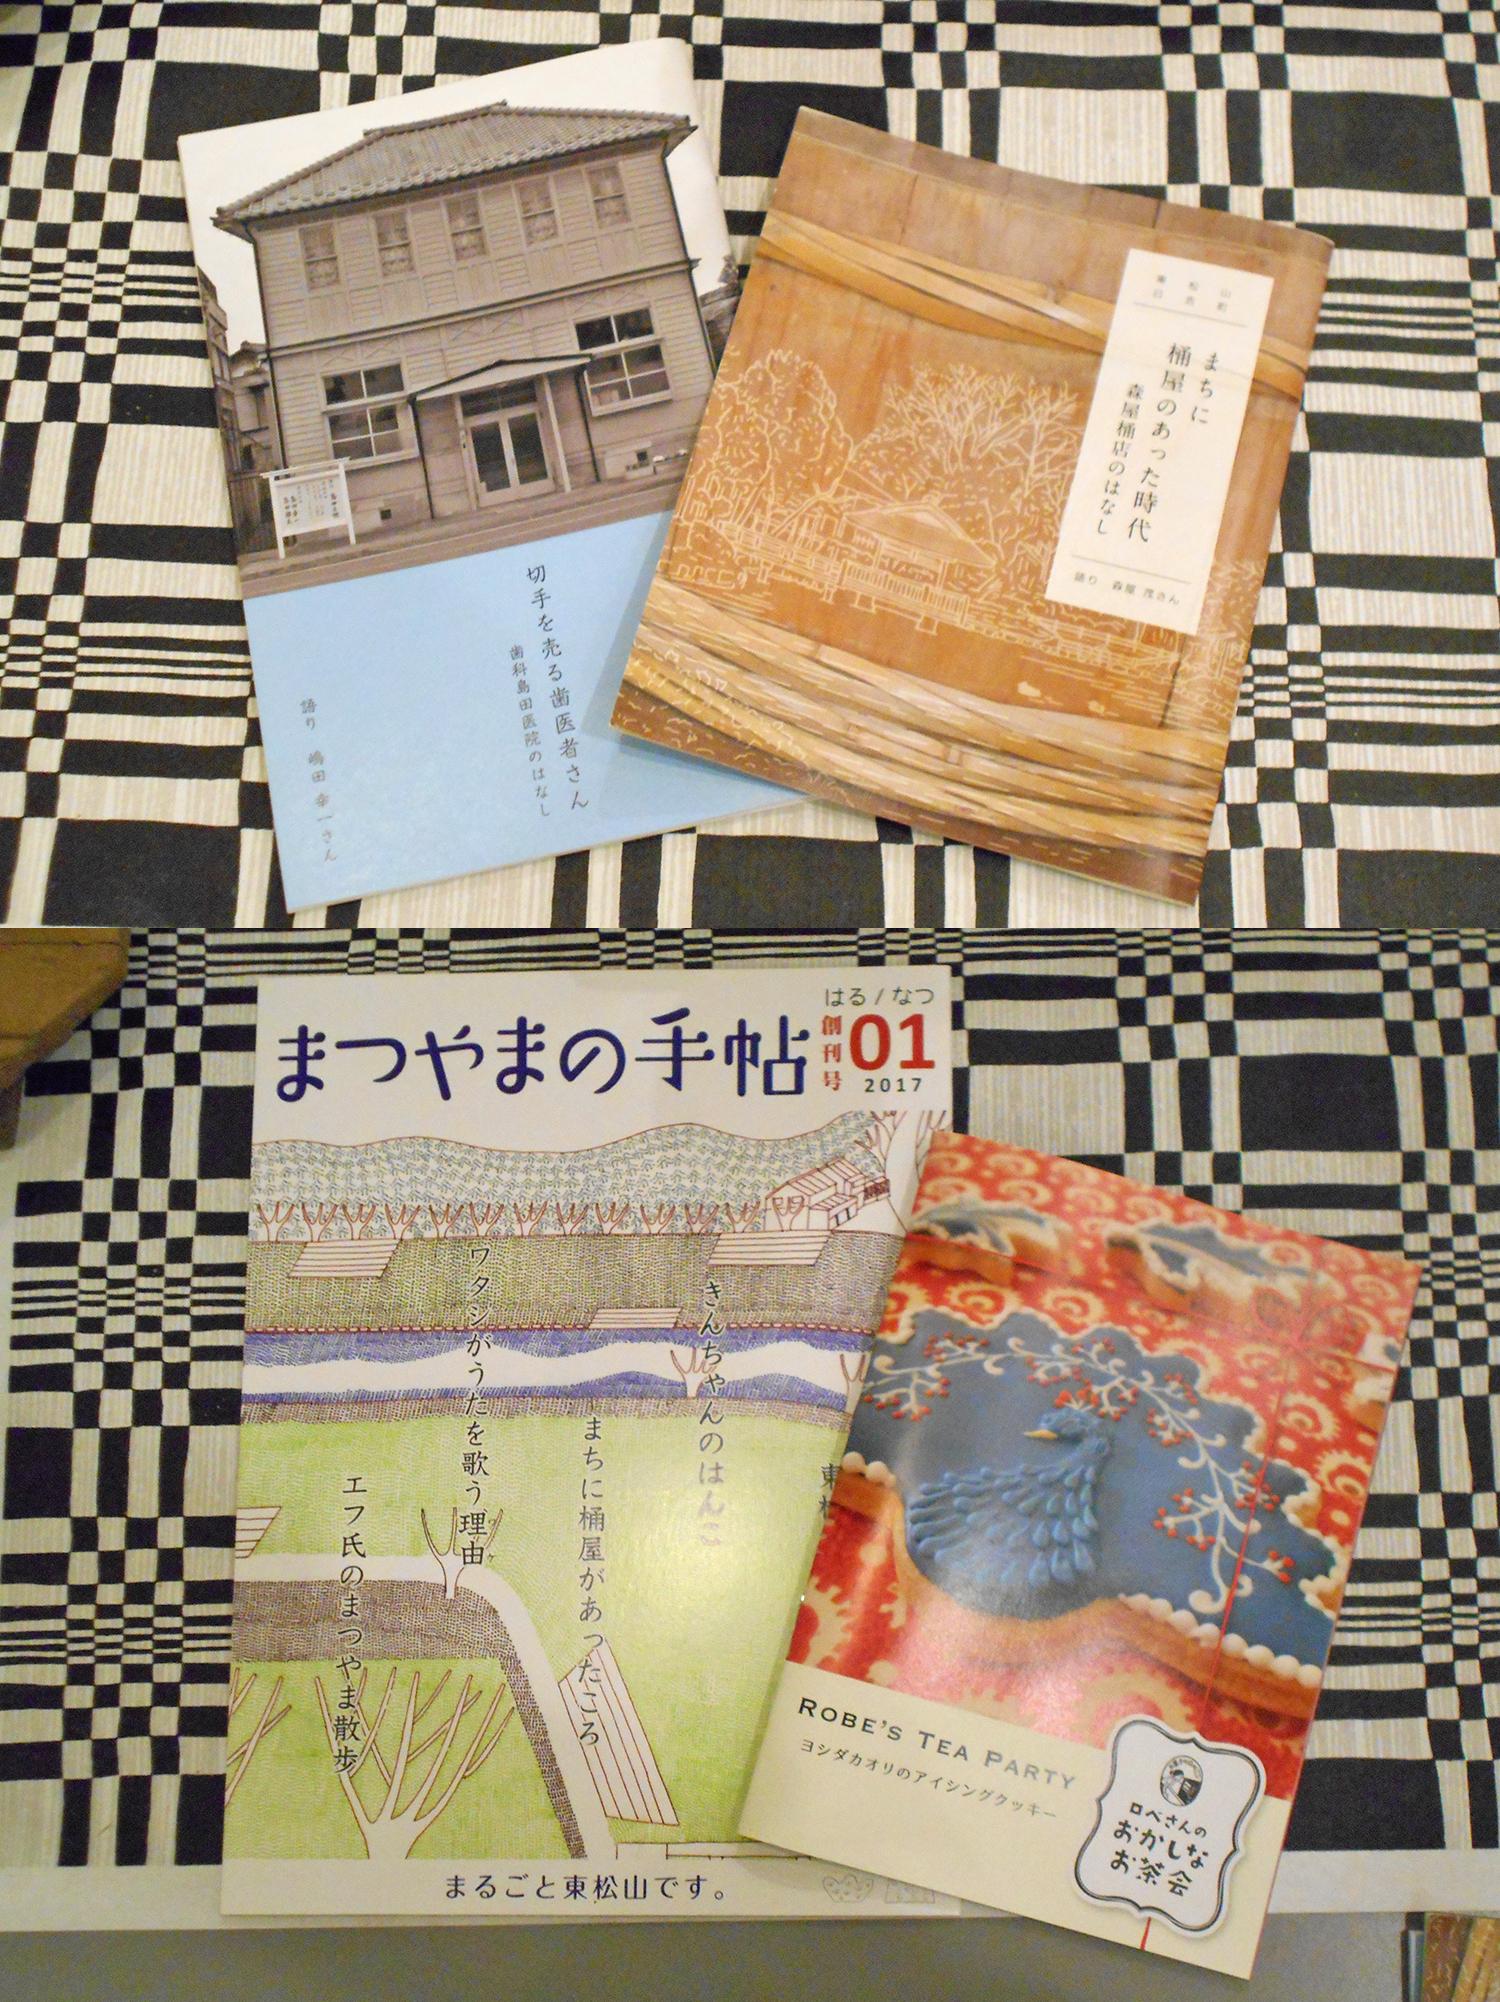 comeya books様が実際にイシダ印刷で印刷・製本した画像